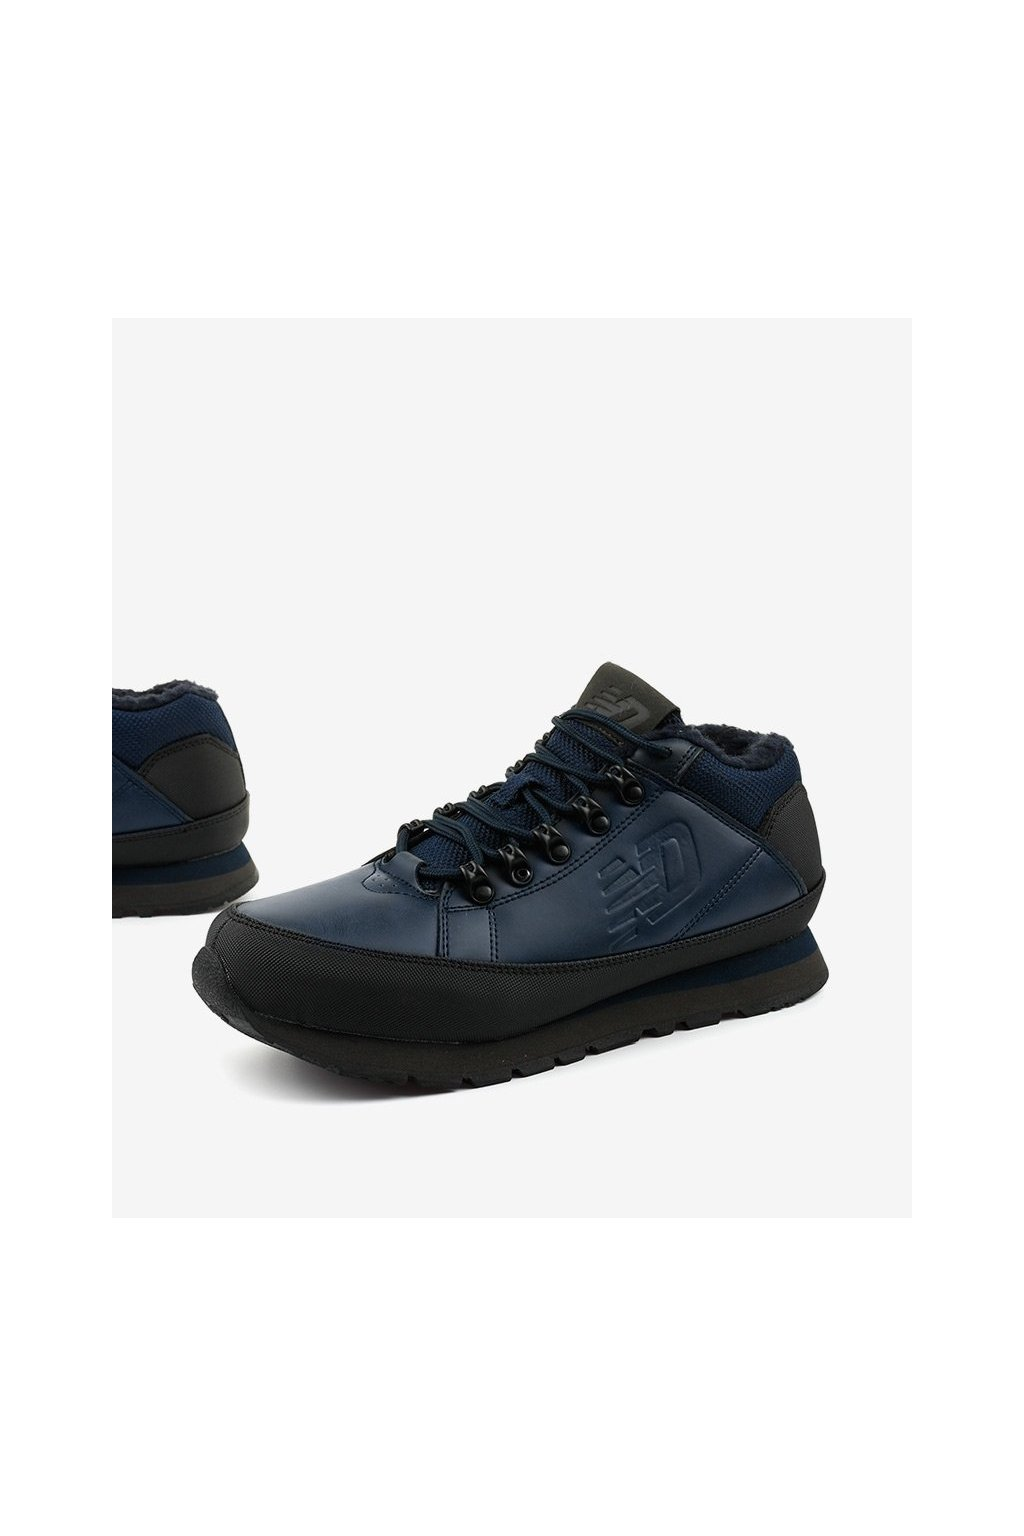 Pánske topánky tenisky modré kód - GM